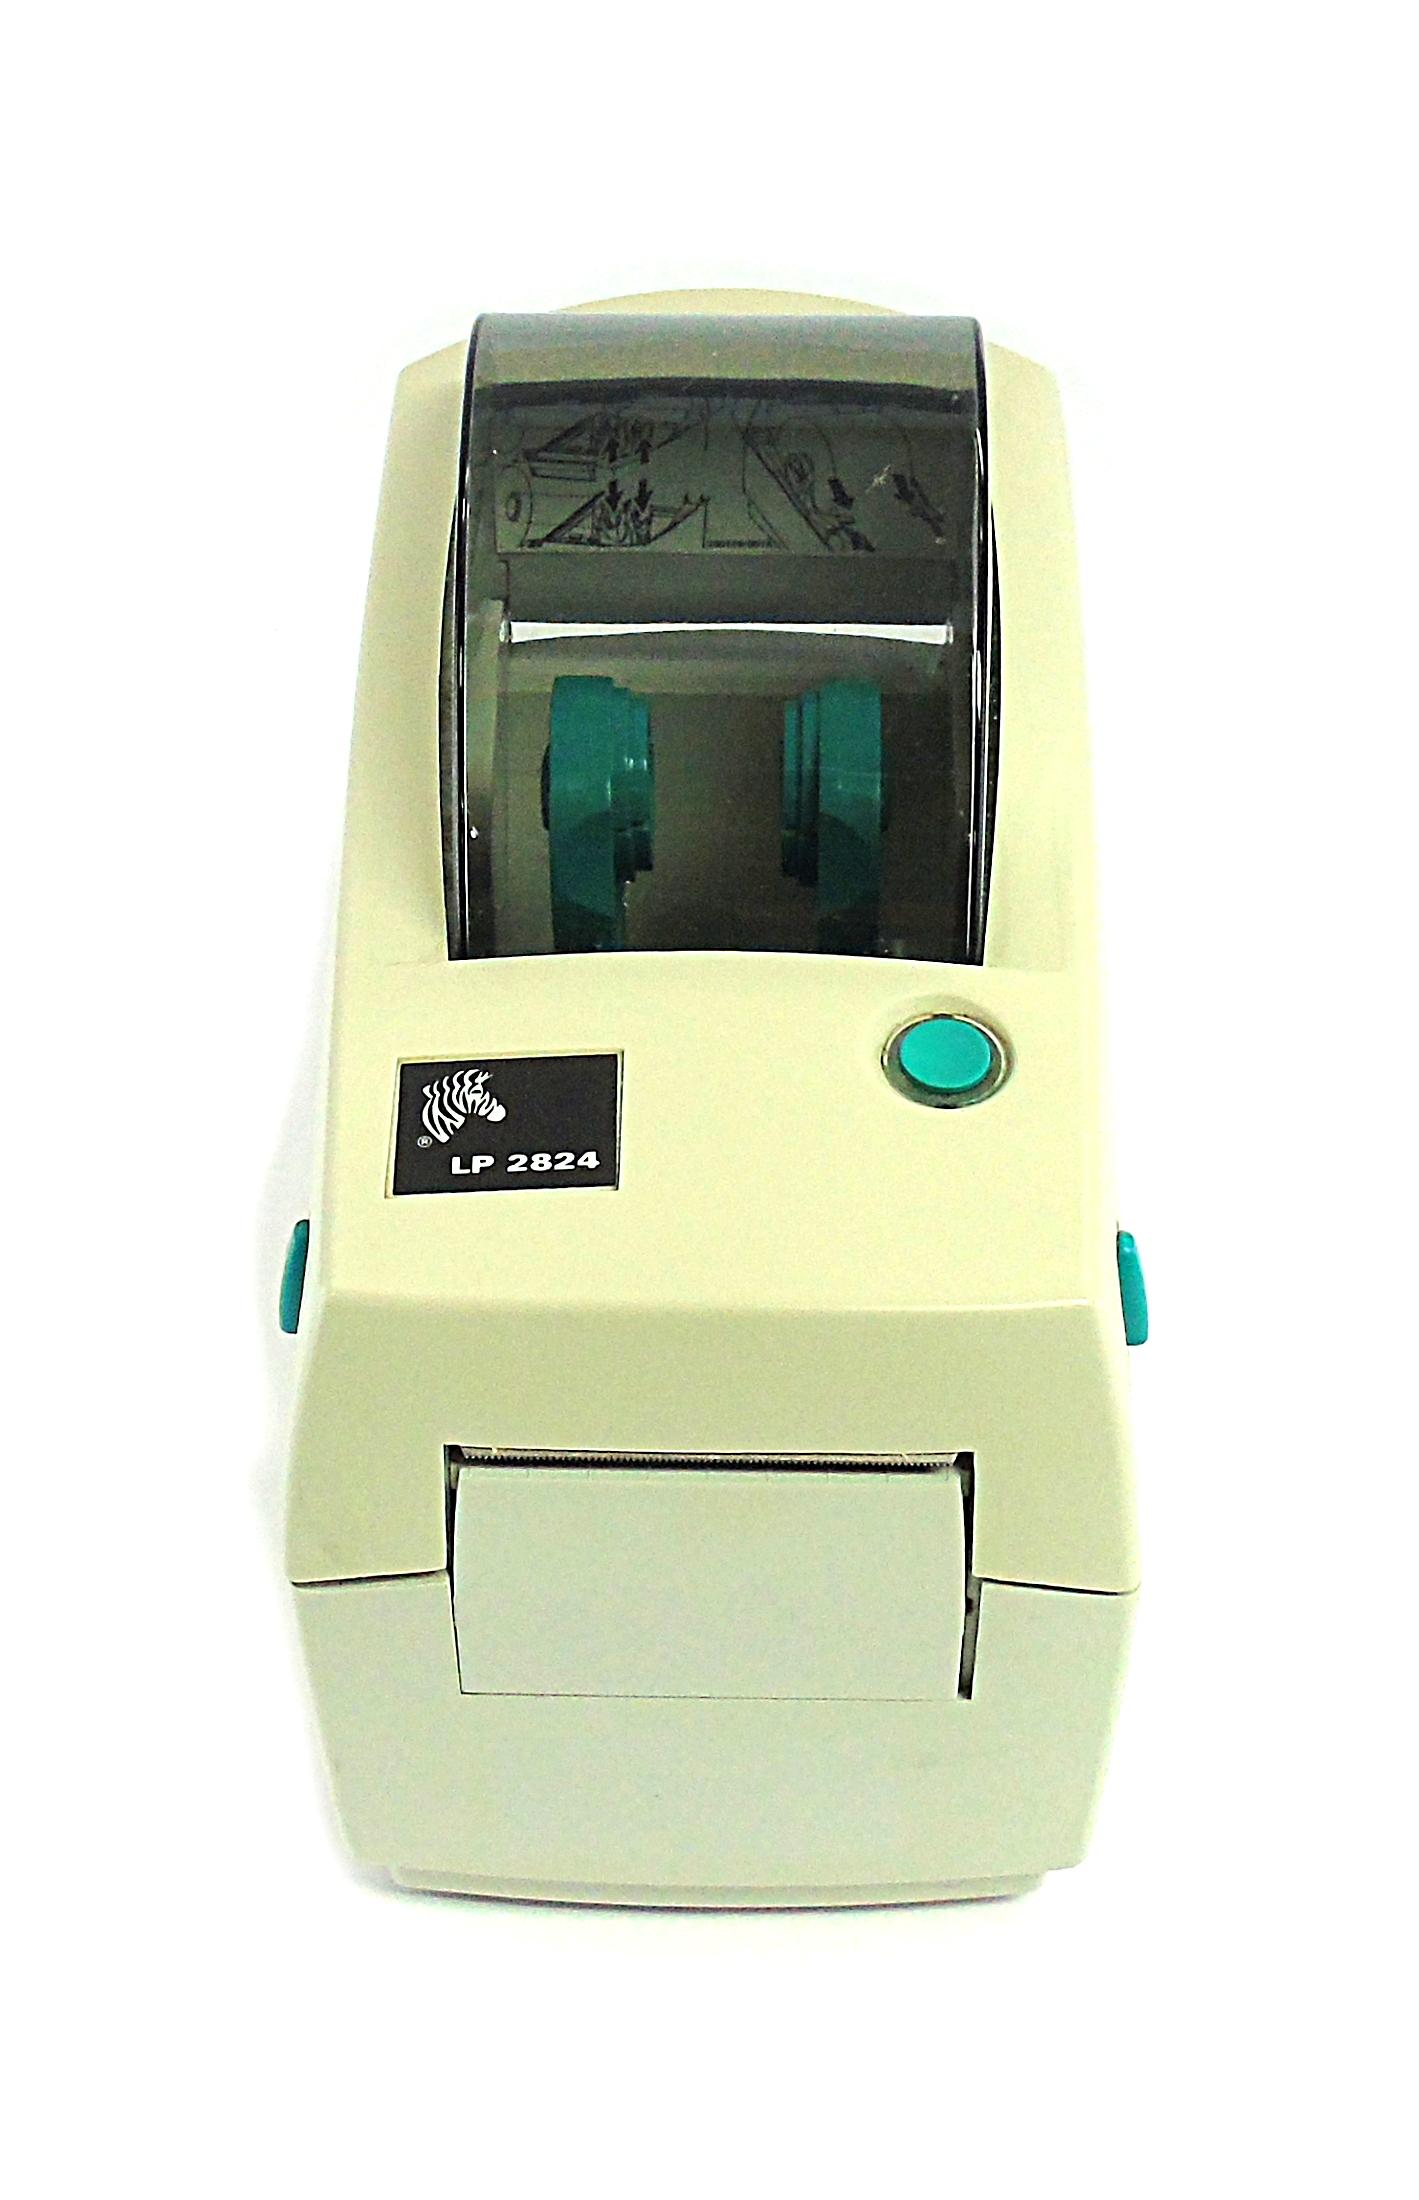 Zebra 2824-21130-0001 LP2824 USB Thermal Label Printer